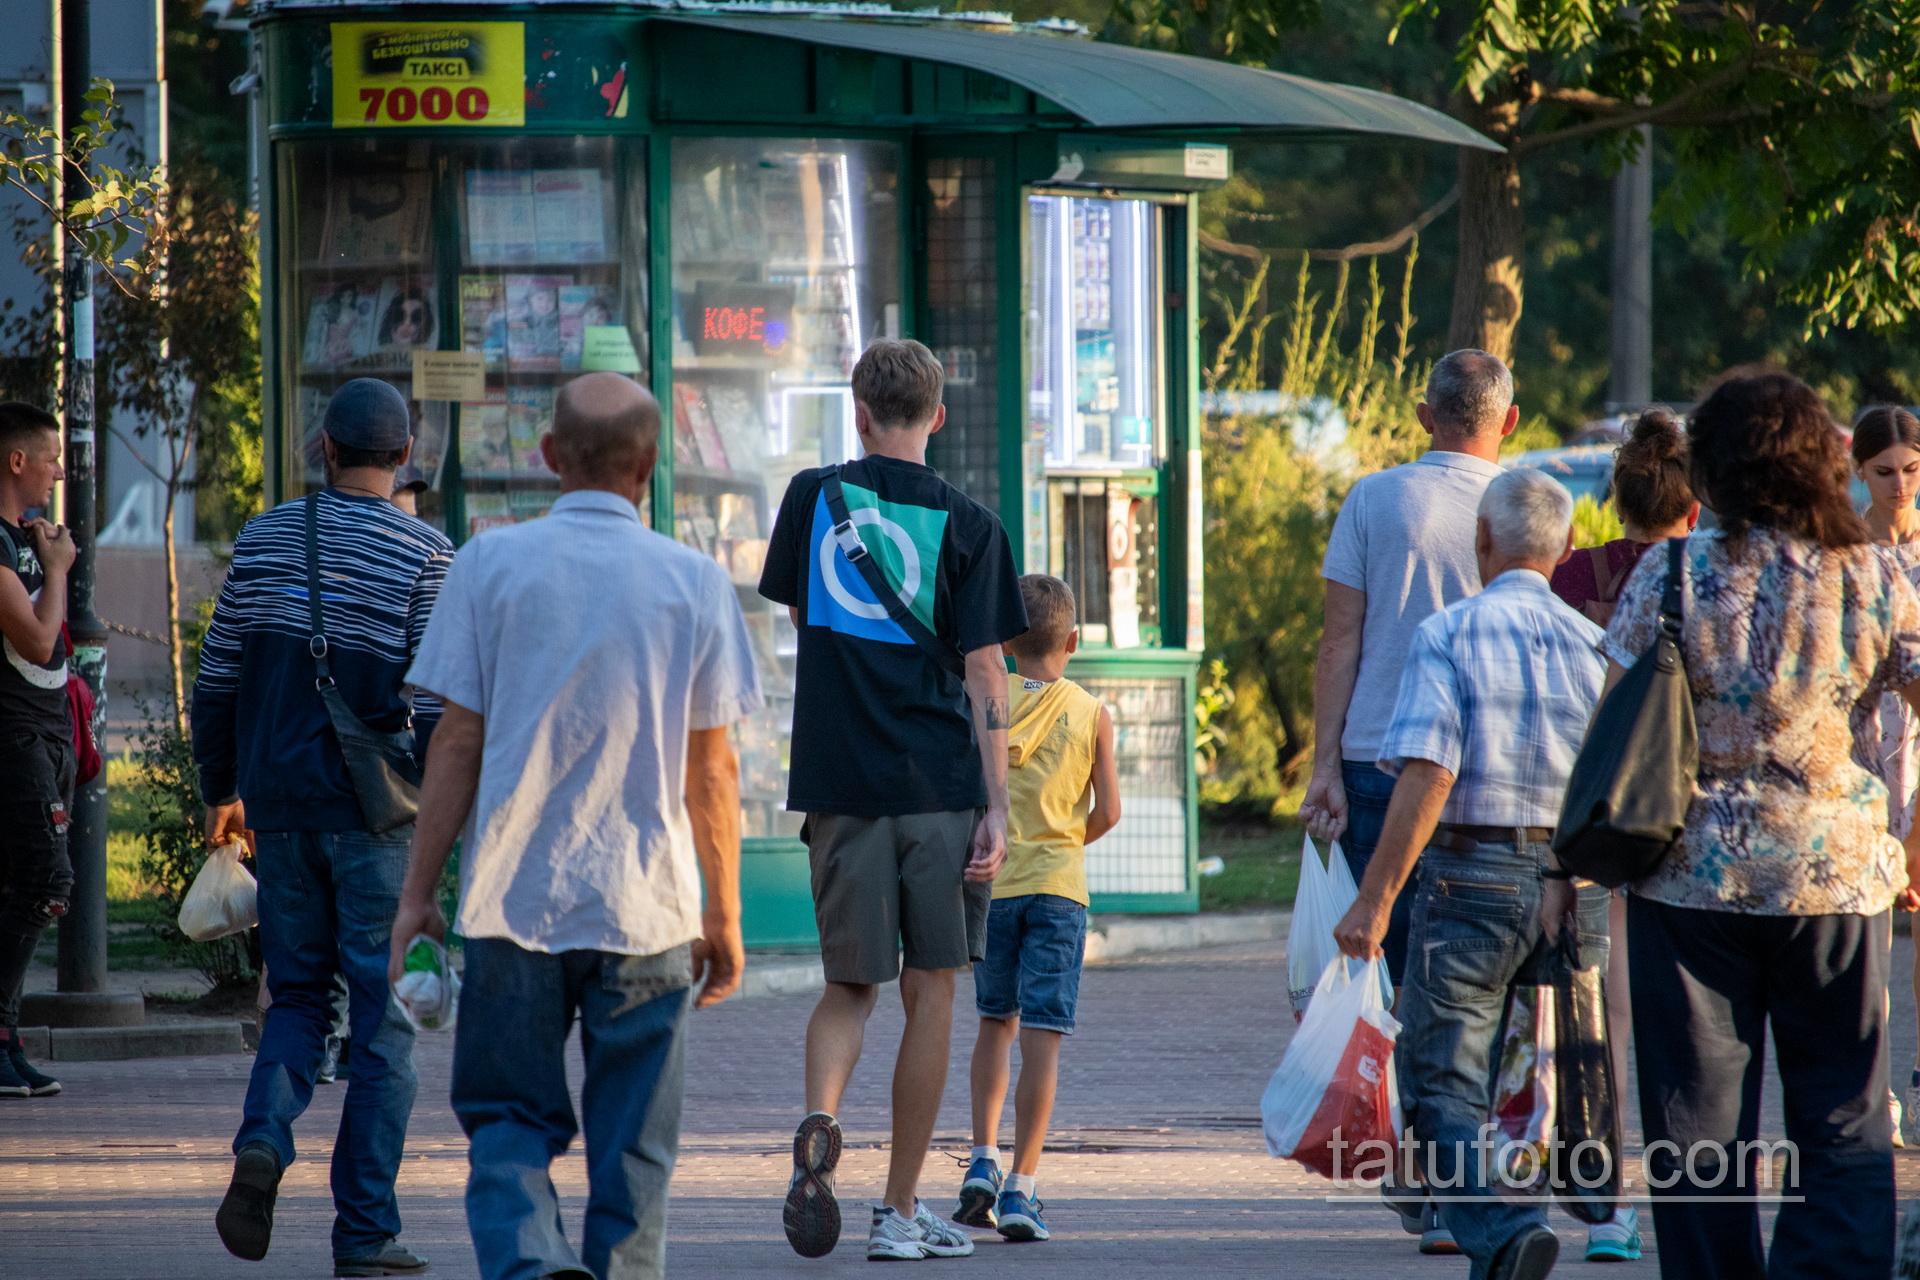 Тату лес в квадрате на руке парня - Уличная татуировка 14.09.2020 – tatufoto.com 2